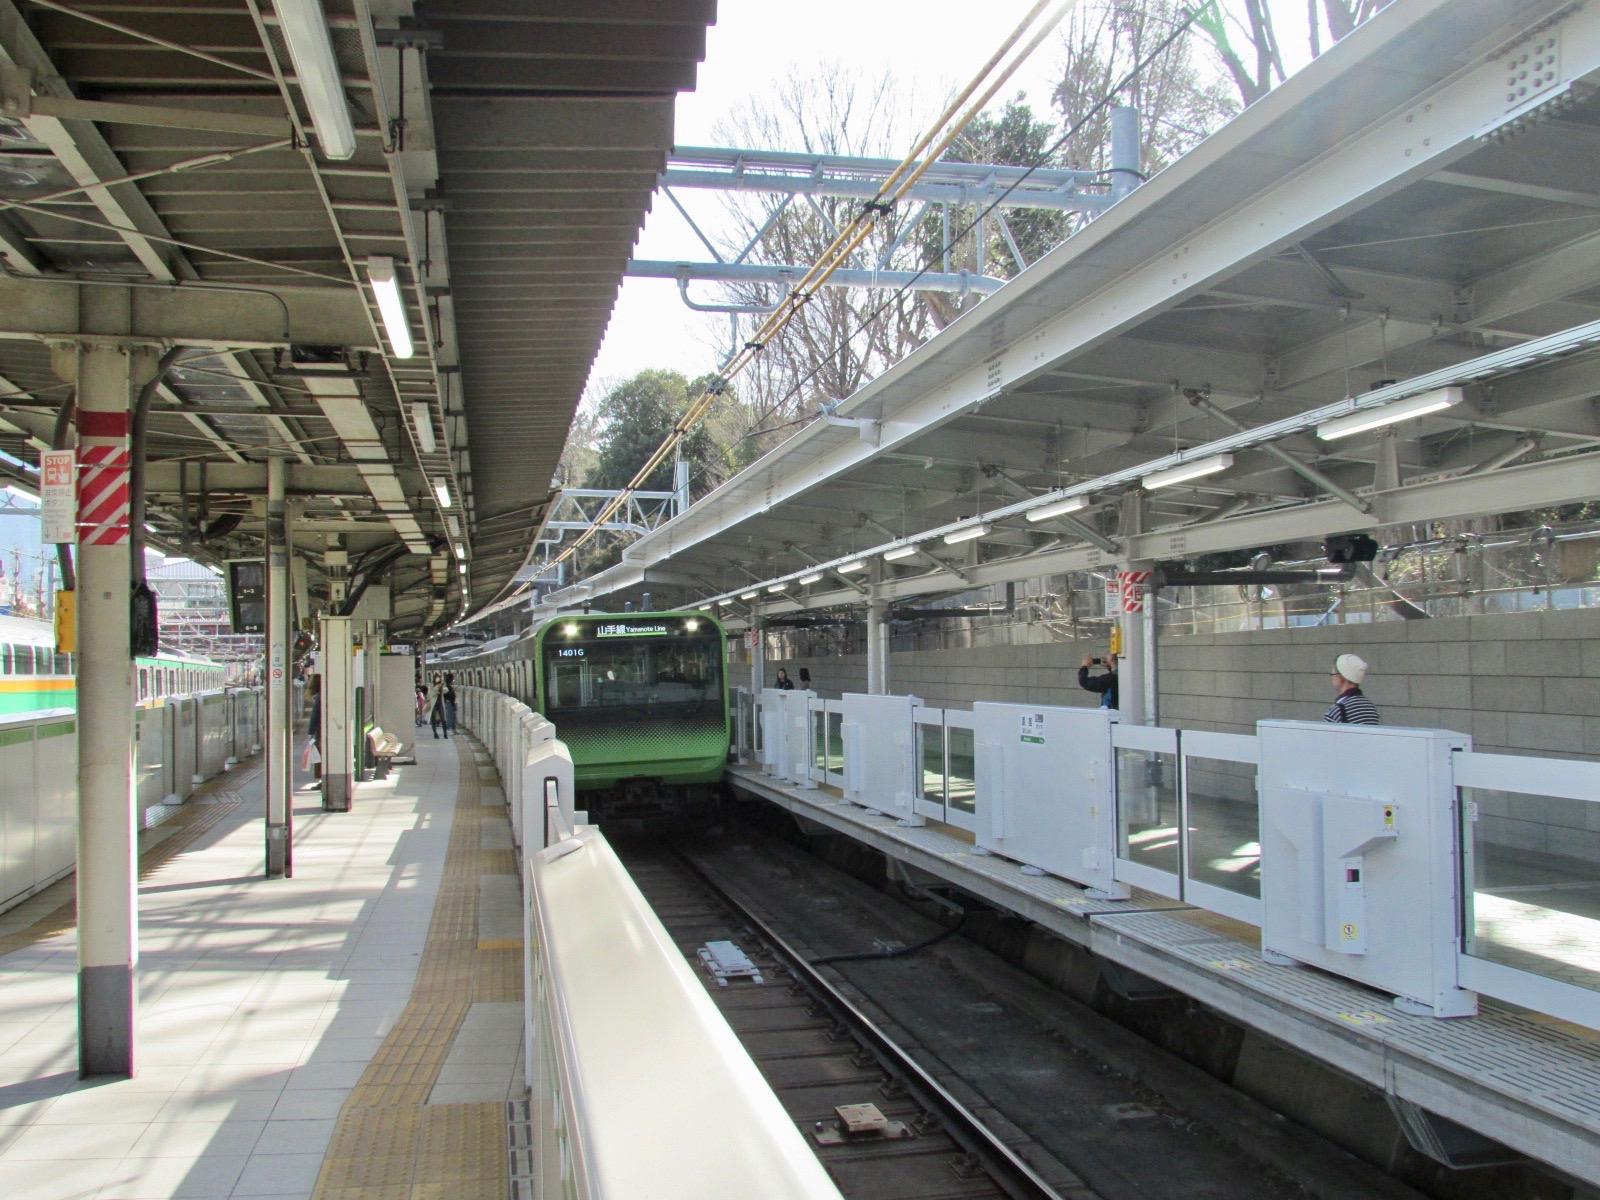 f:id:hiro-jp:20200321144921j:plain